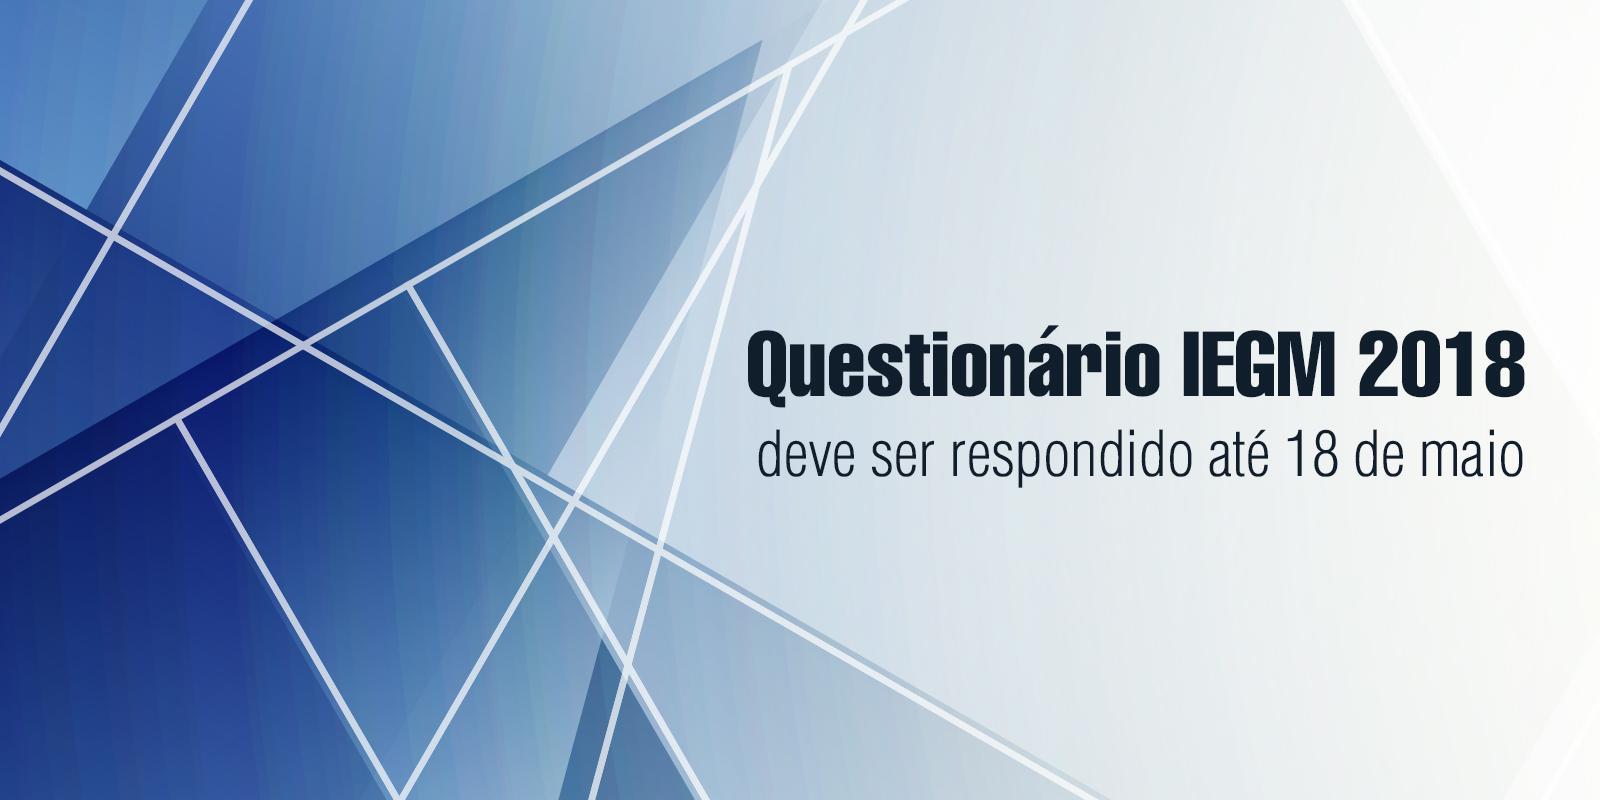 TCEMG informa: Questionário IEGM 2018 deve ser respondido até 18 de maio